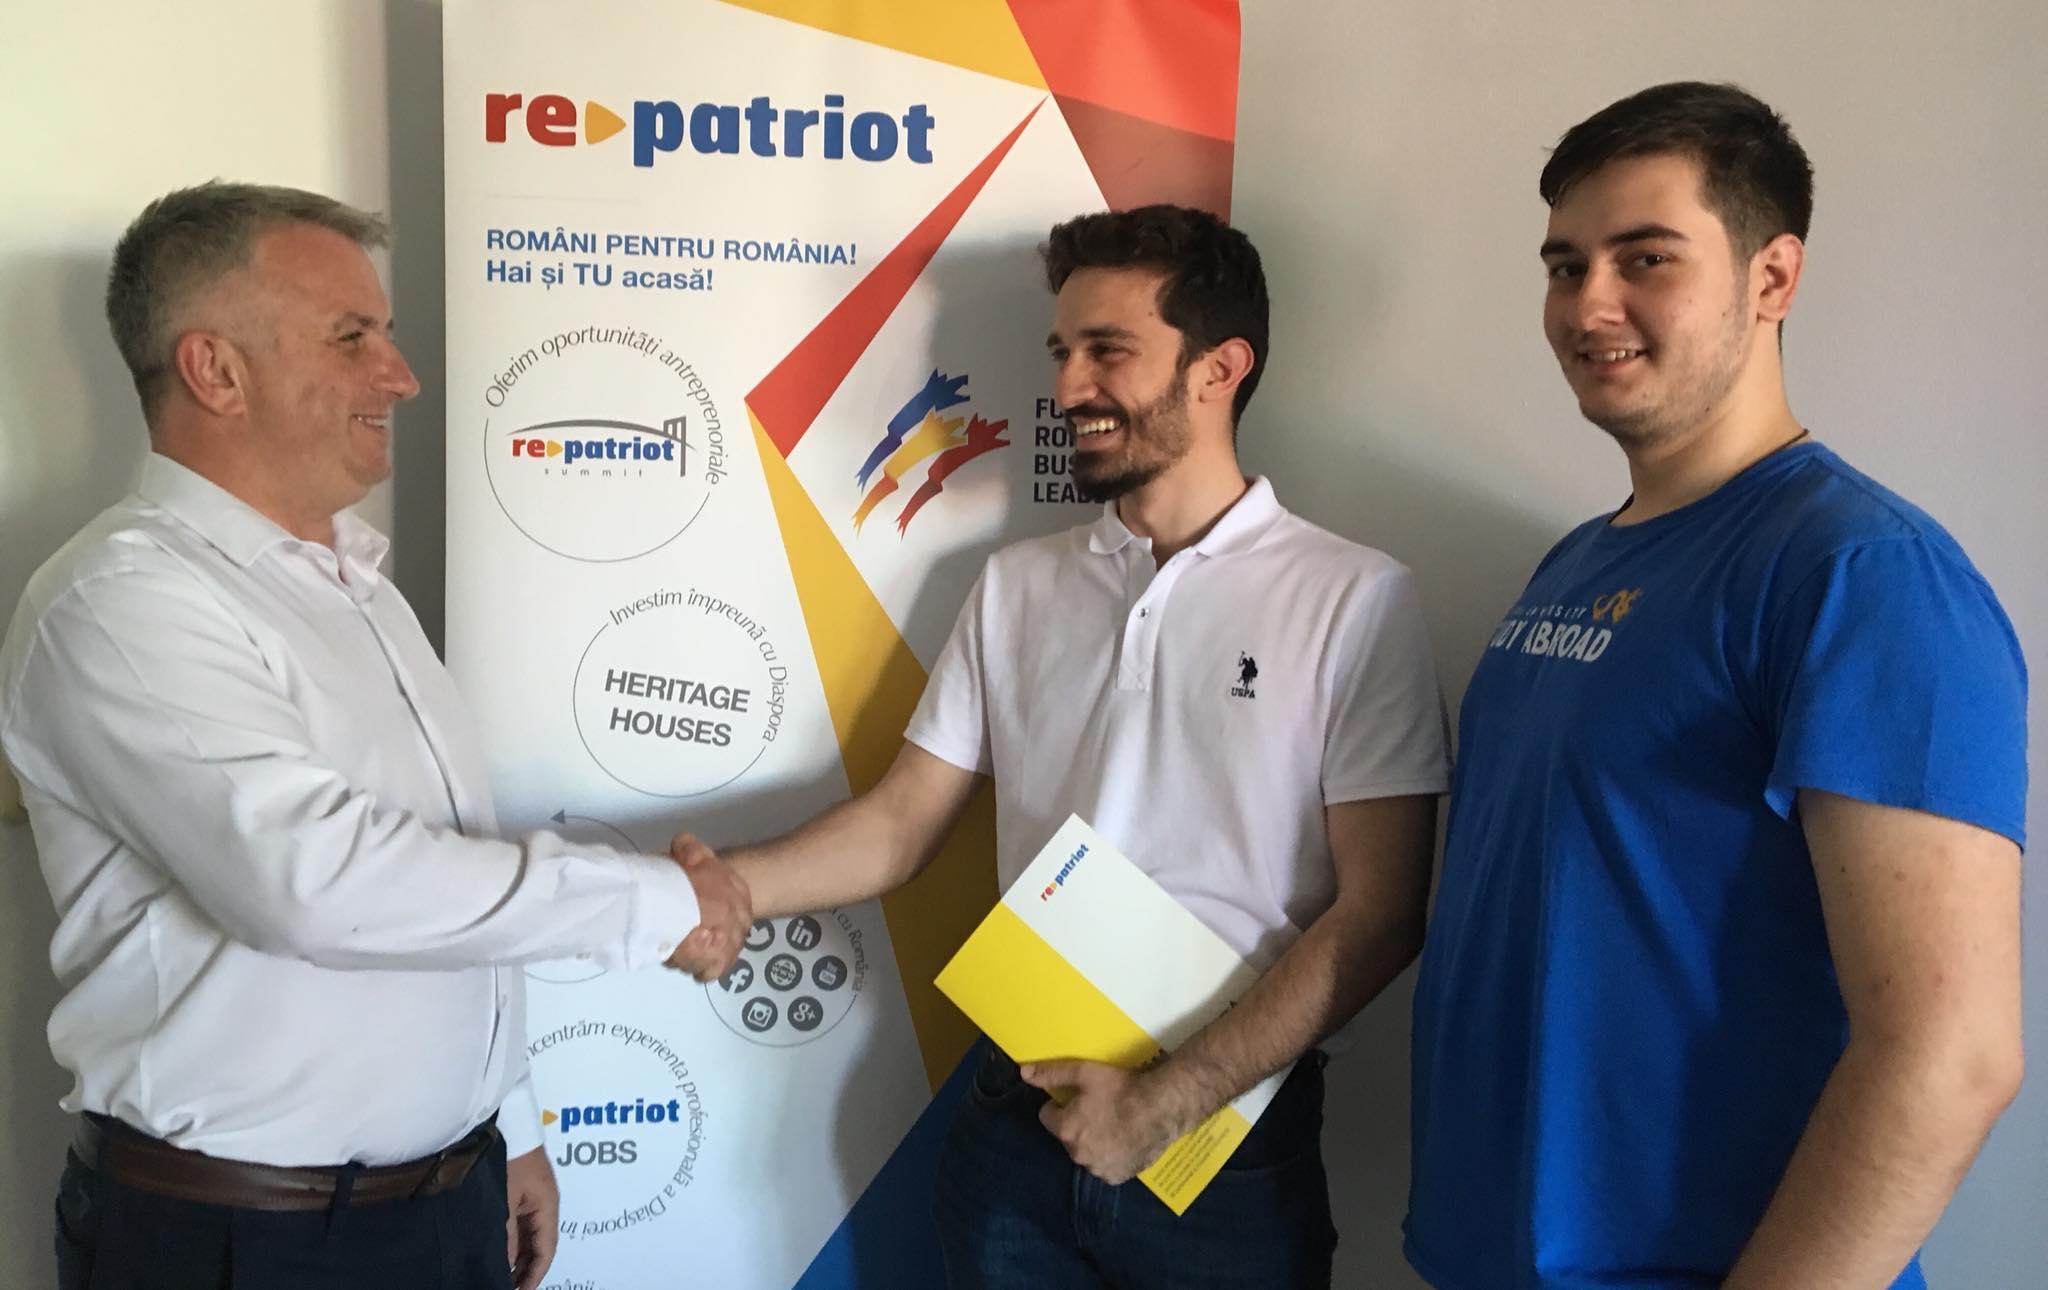 LSRS și RePatriot-RBL au dat mâna prin semnarea unui protocol în vederea cooperării pe proiecte de interes comun